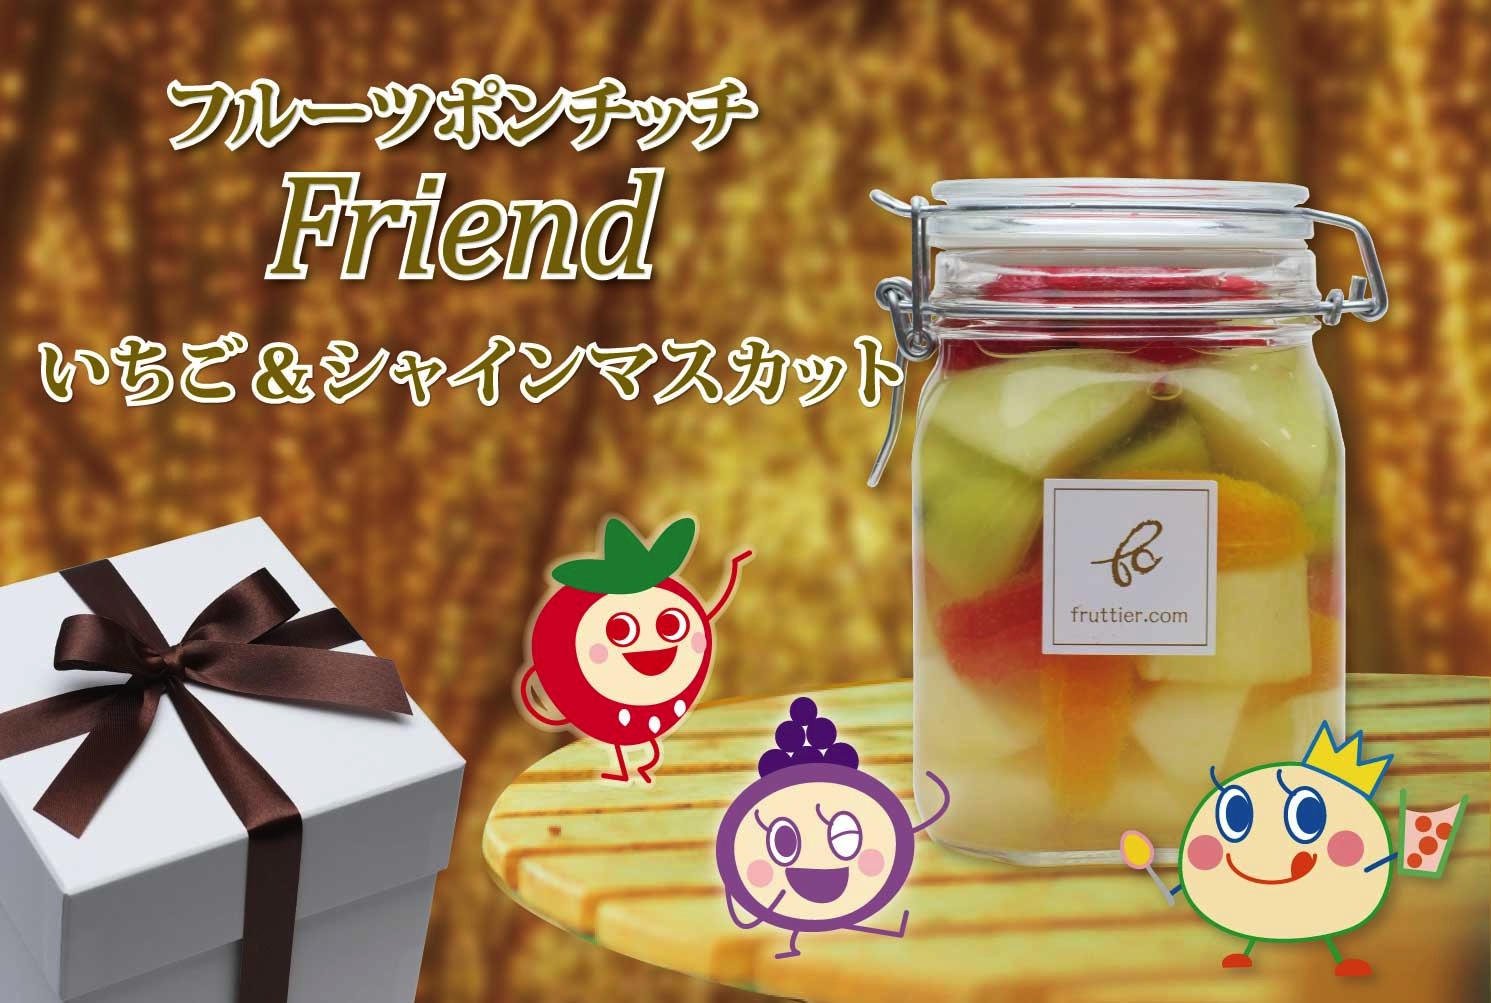 フルーツポンチッチFriend〜いちご&シャインマスカット